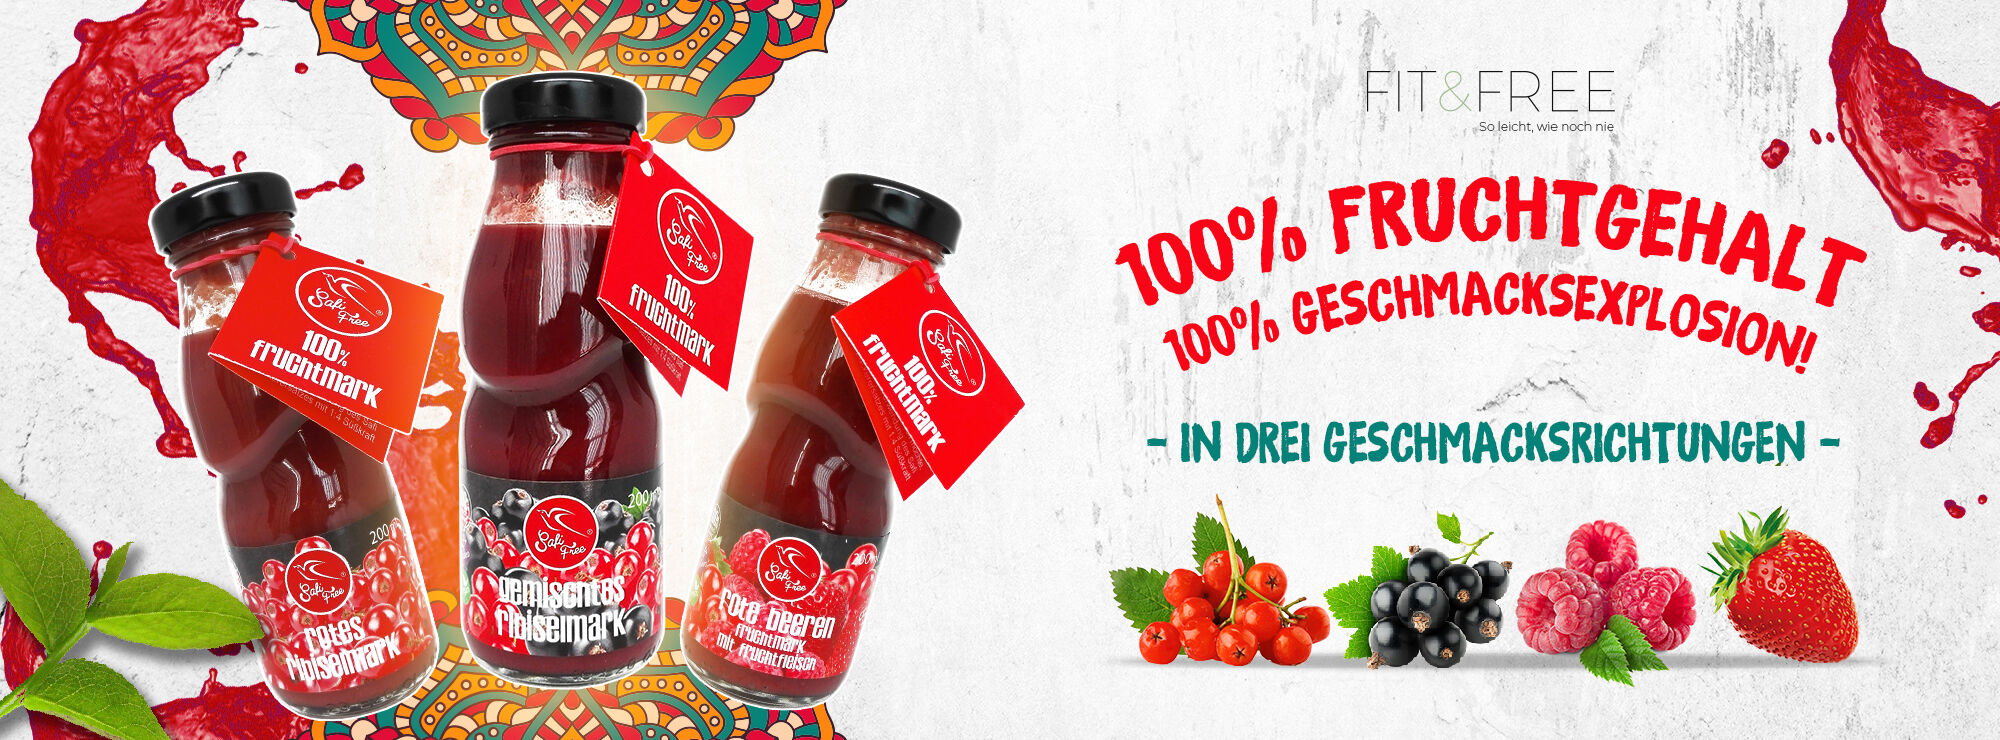 100% fruchtgehalt